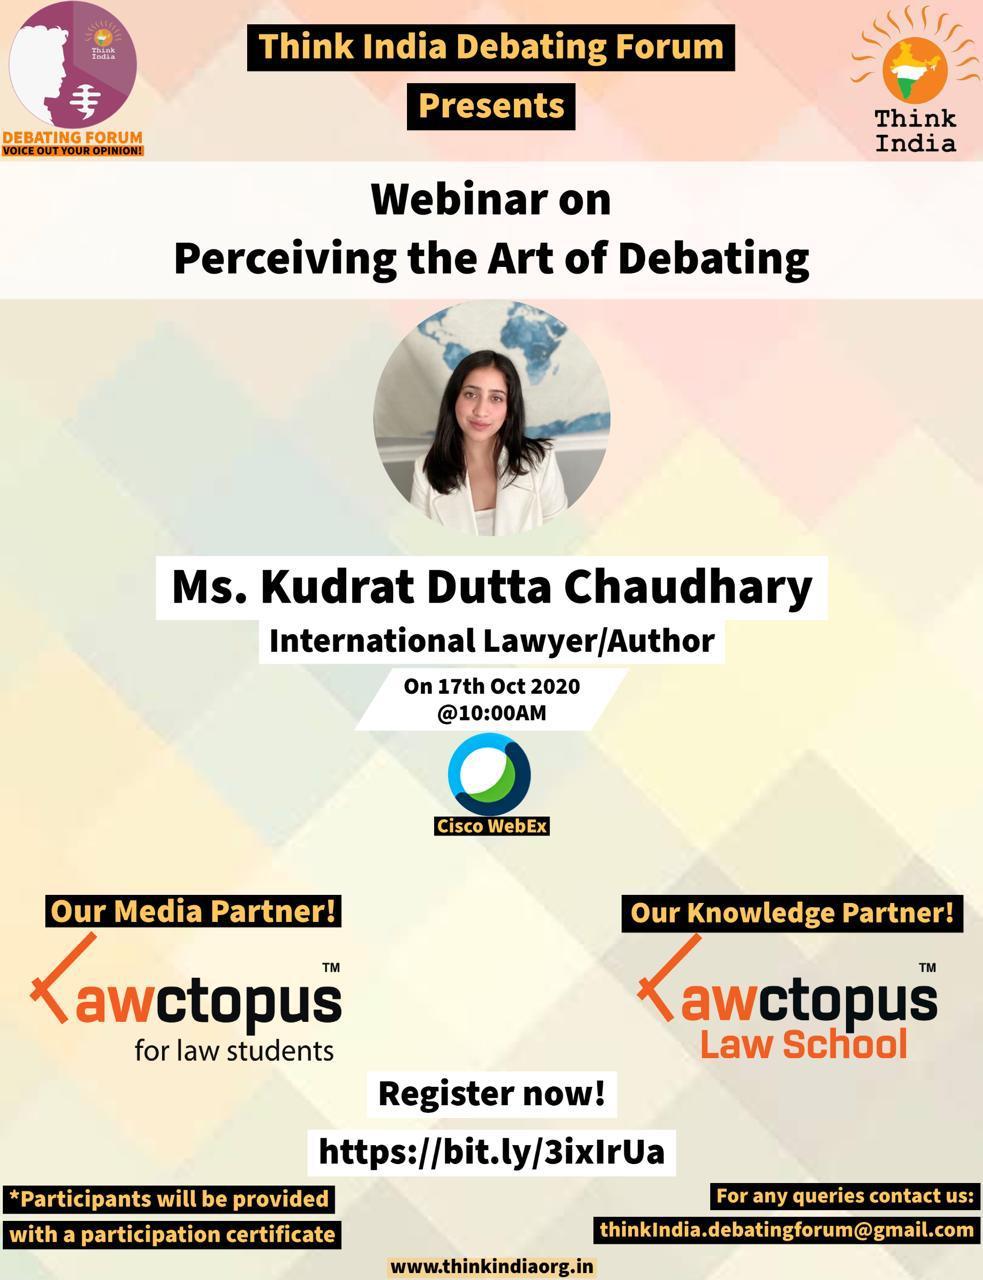 Webinar on Perceiving the Art of Debating by Think India Debating Forum